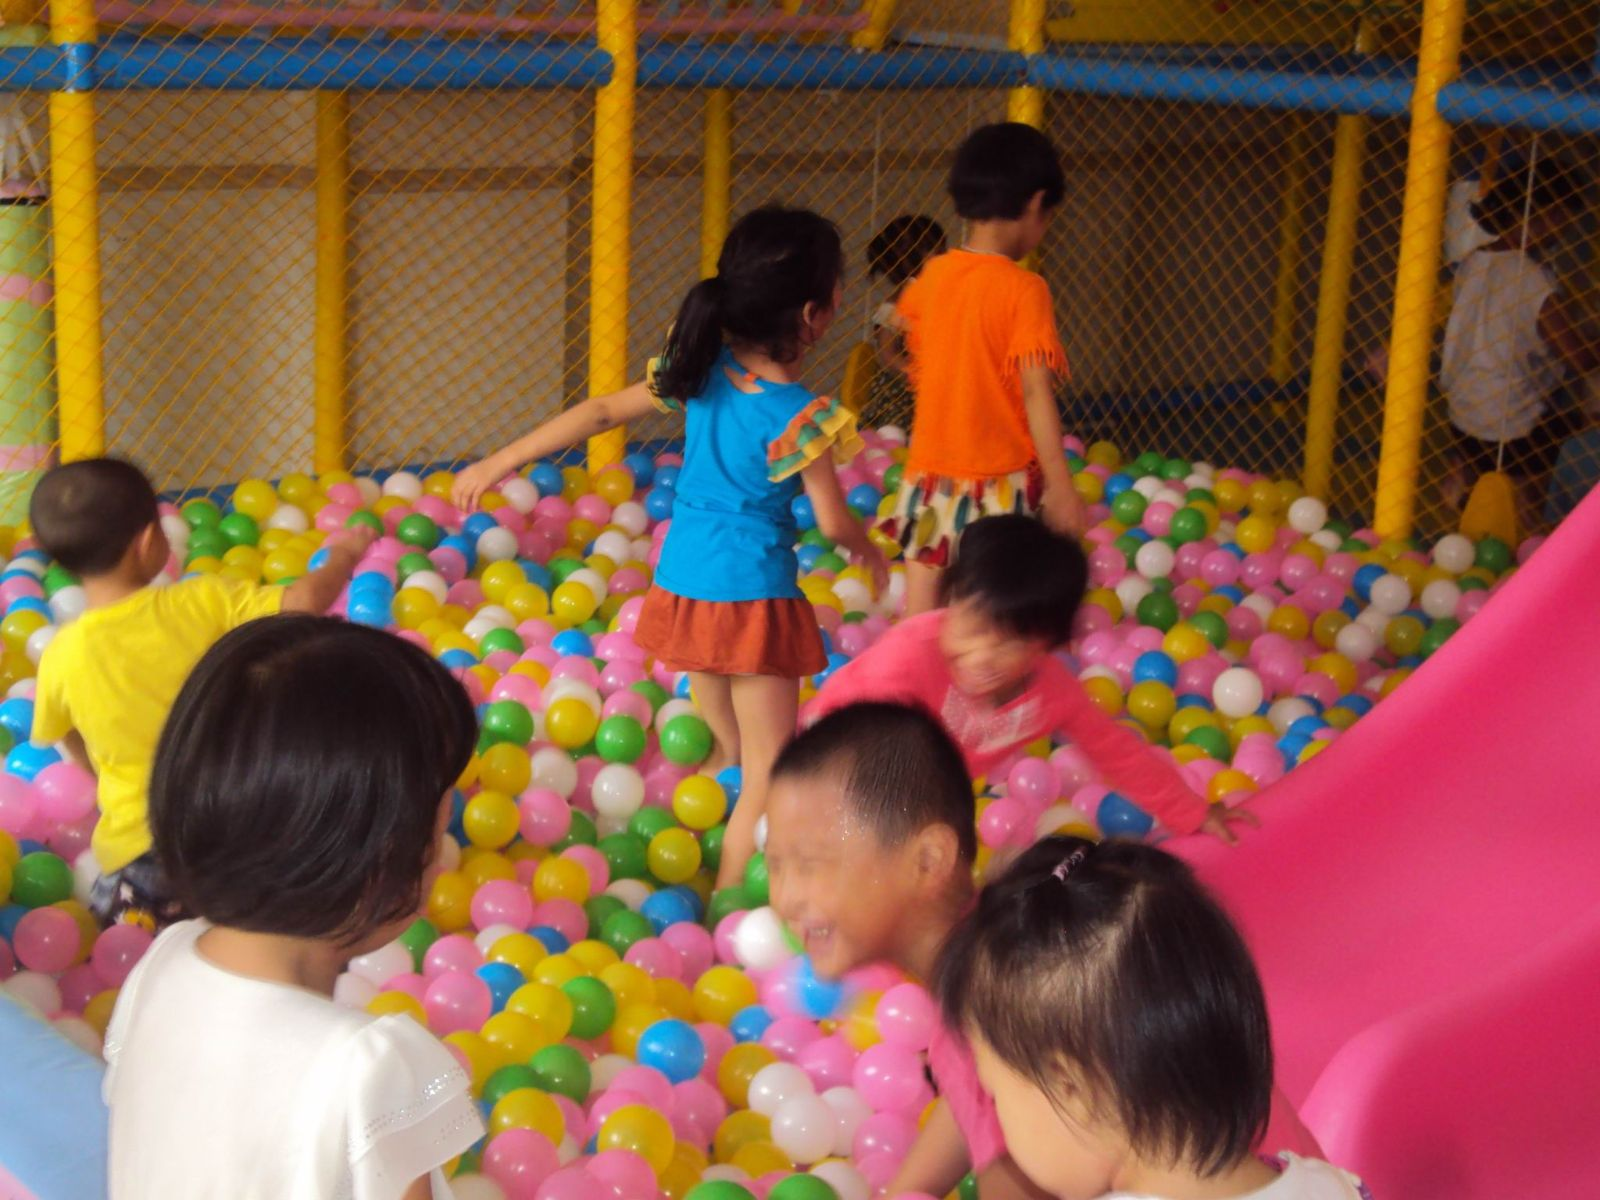 室内儿童游乐园就突显出了它的重要性来